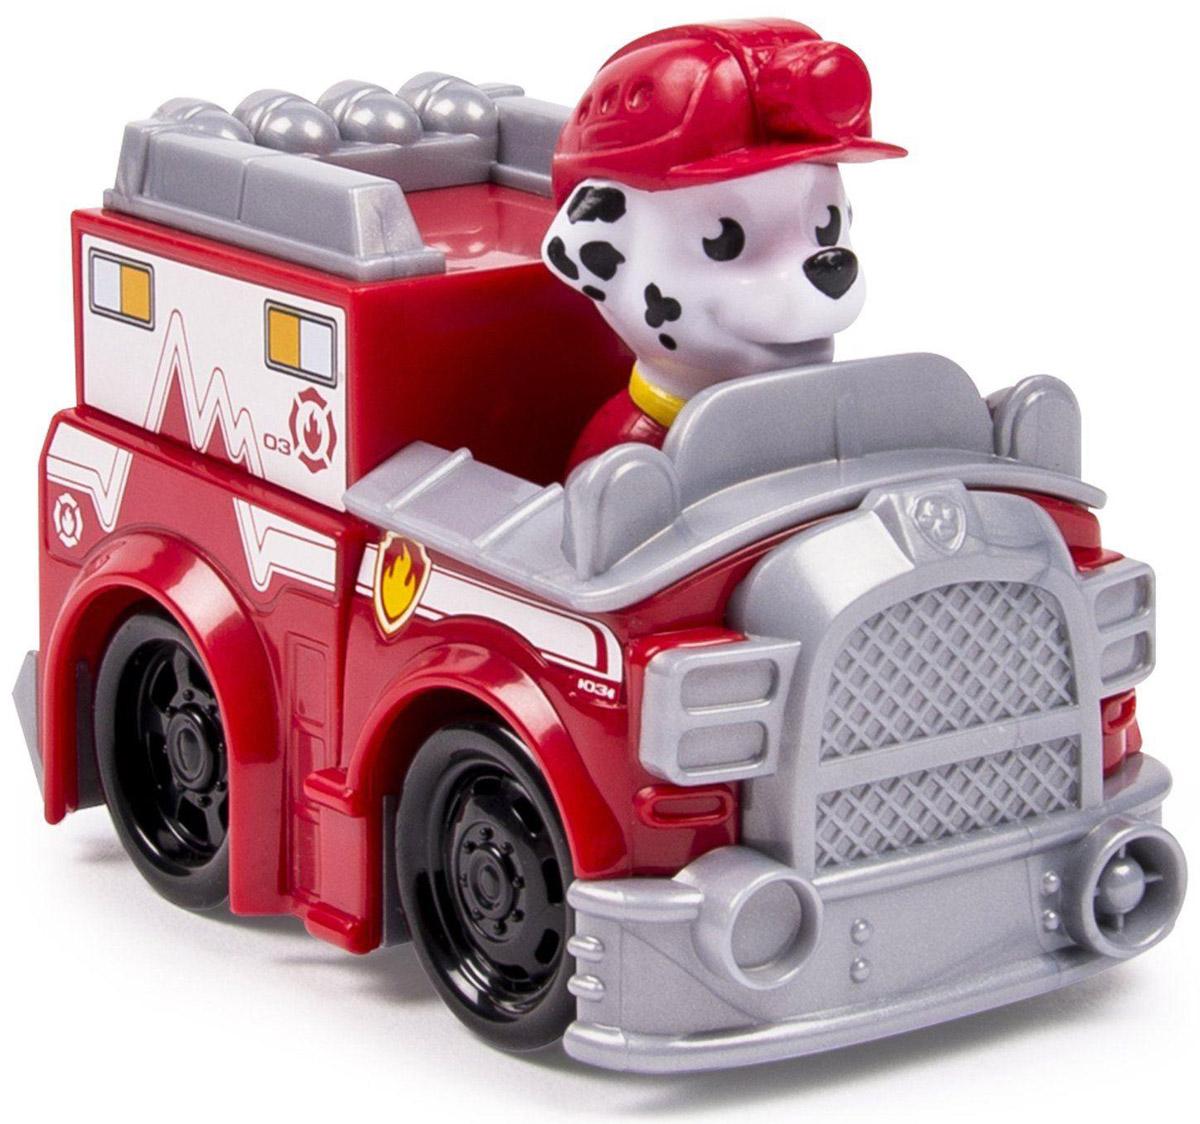 Paw Patrol Машинка спасателя Marshall16605_20068622Машинка спасателя Маршалла из Paw Patrol непременно порадует малыша. Пожарная машинка с героем популярного мультфильма выполнена из высококачественной пластмассы. Колеса машинки свободно вращаются, фигурка Маршалла несъемная. Игрушка помогает развивать мелкую моторику, цветовосприятие и воображение.